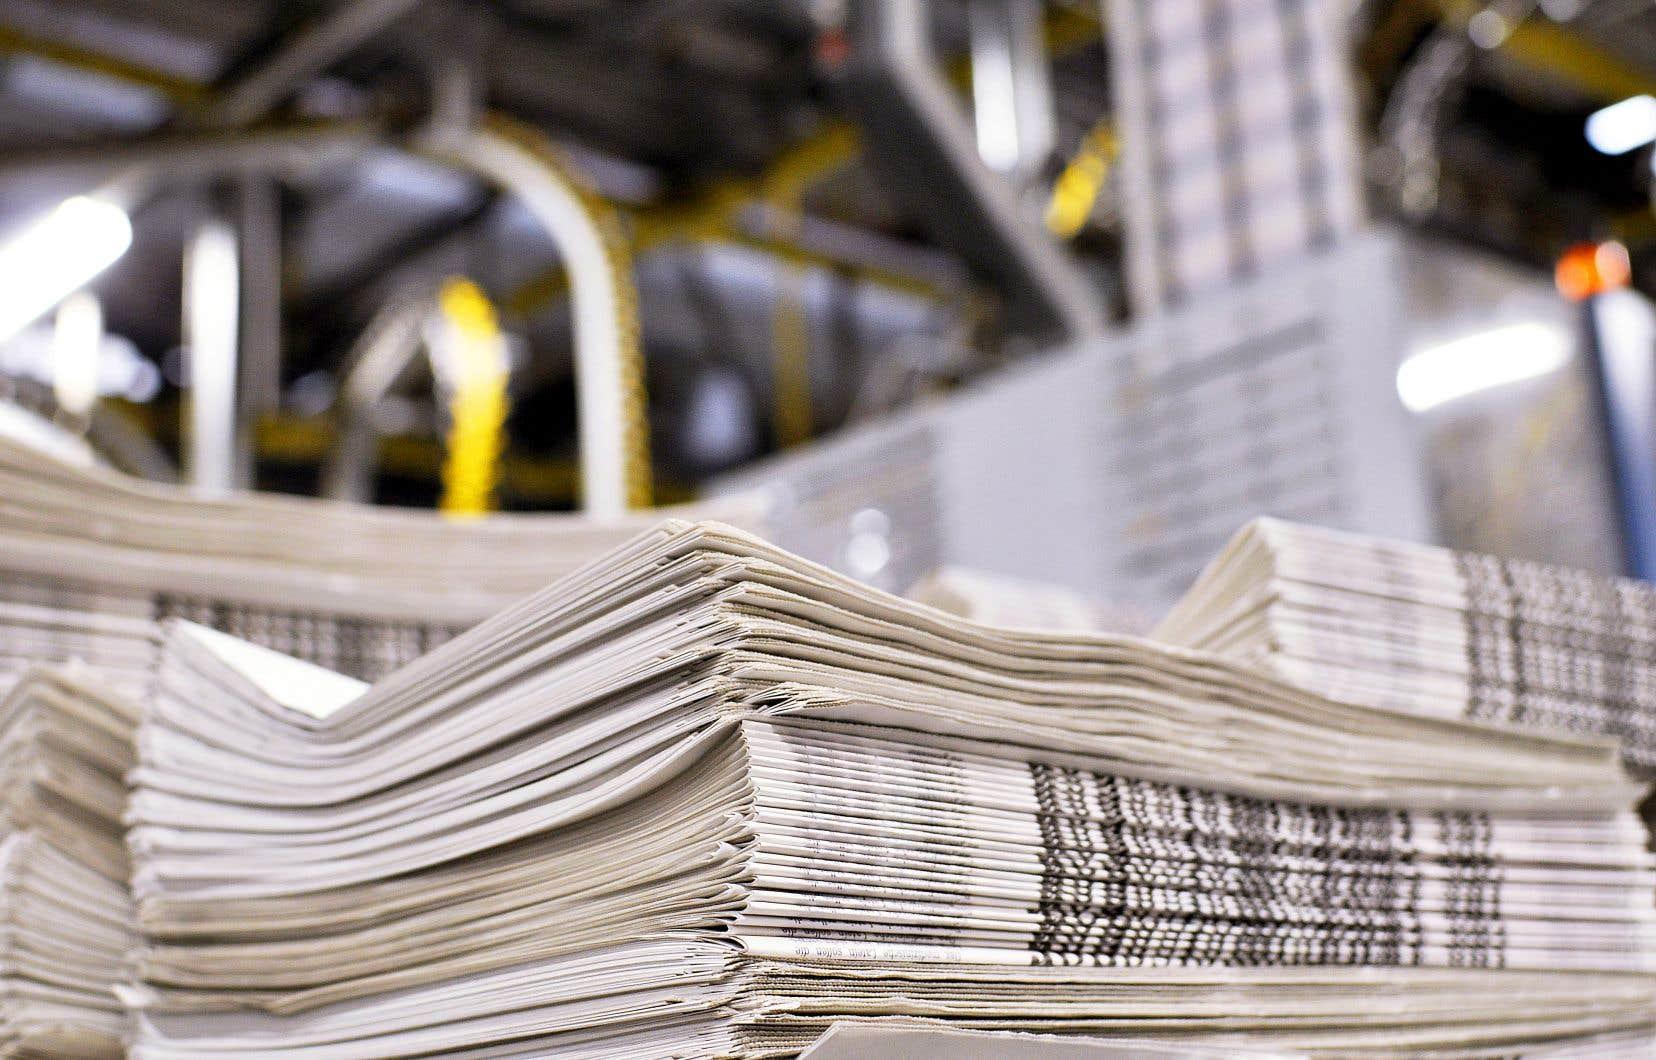 Les anciens journaux du Groupe Capitales Médias ont récemment été transformés en coopératives de travail. Une solution que le gouvernement du Québec a favorisée.